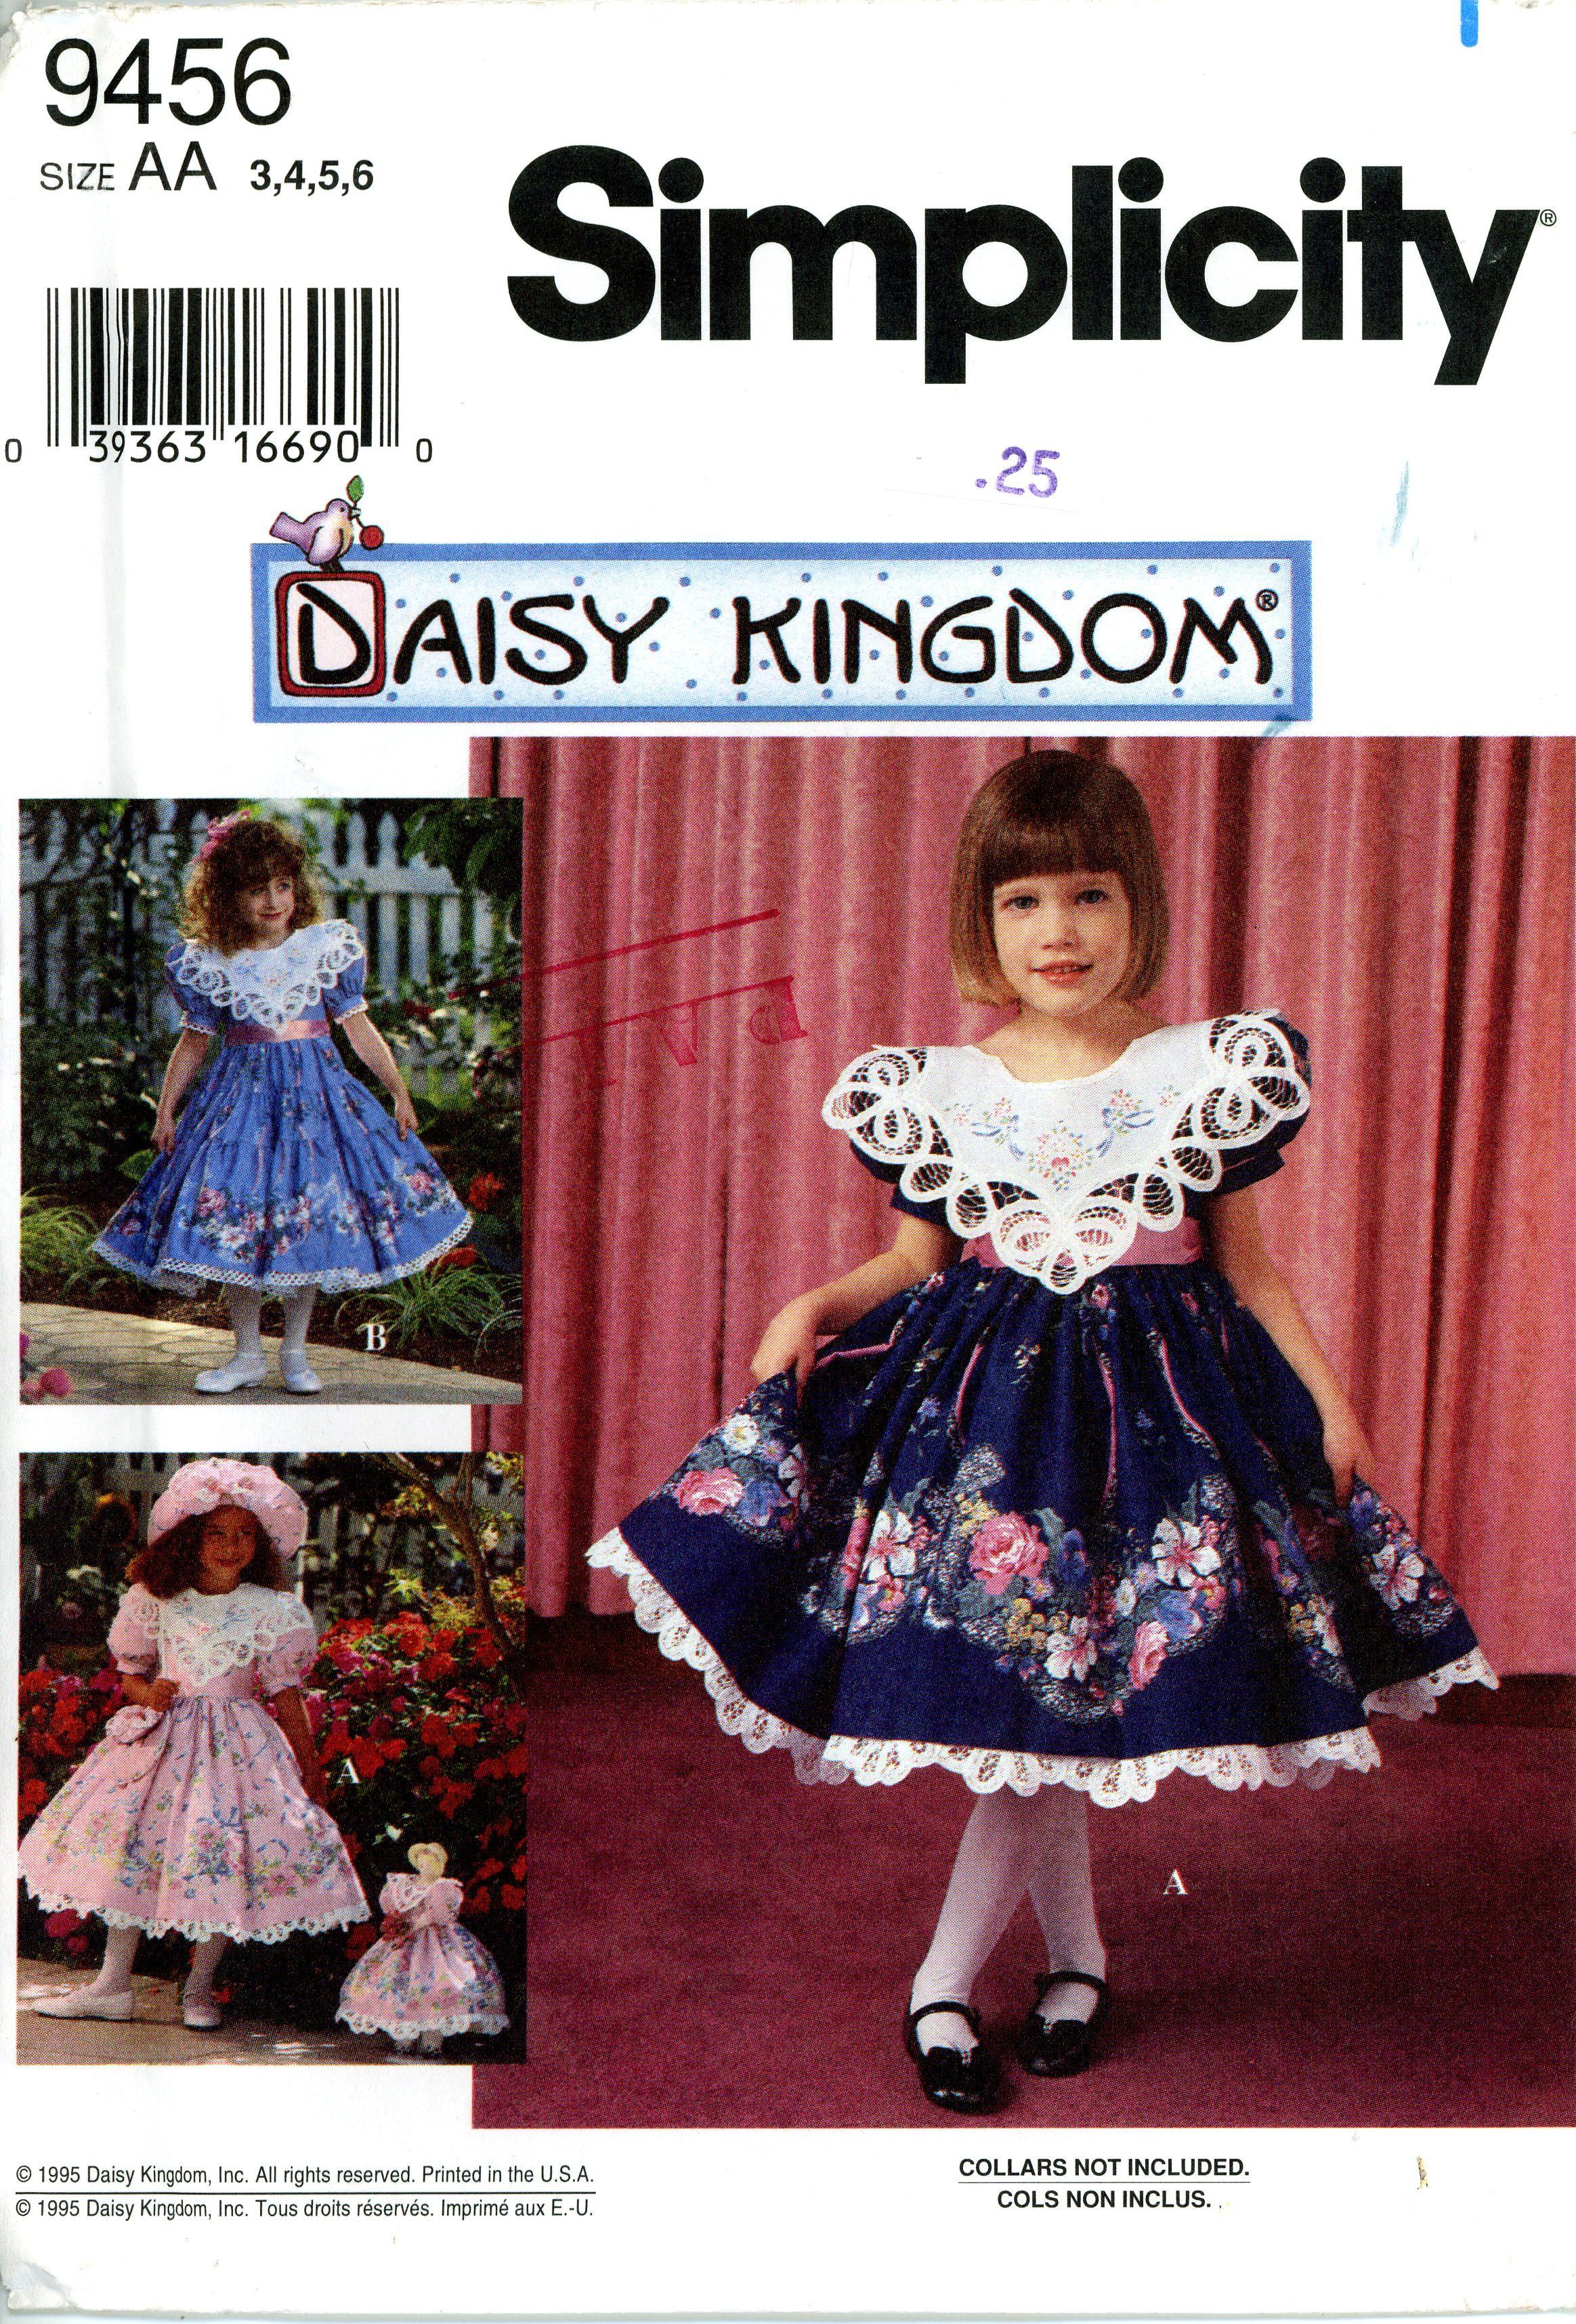 Simplicity 9456 daisy kingdom little girls dress pattern simplicity 9456 daisy kingdom little girls dress pattern jeuxipadfo Choice Image